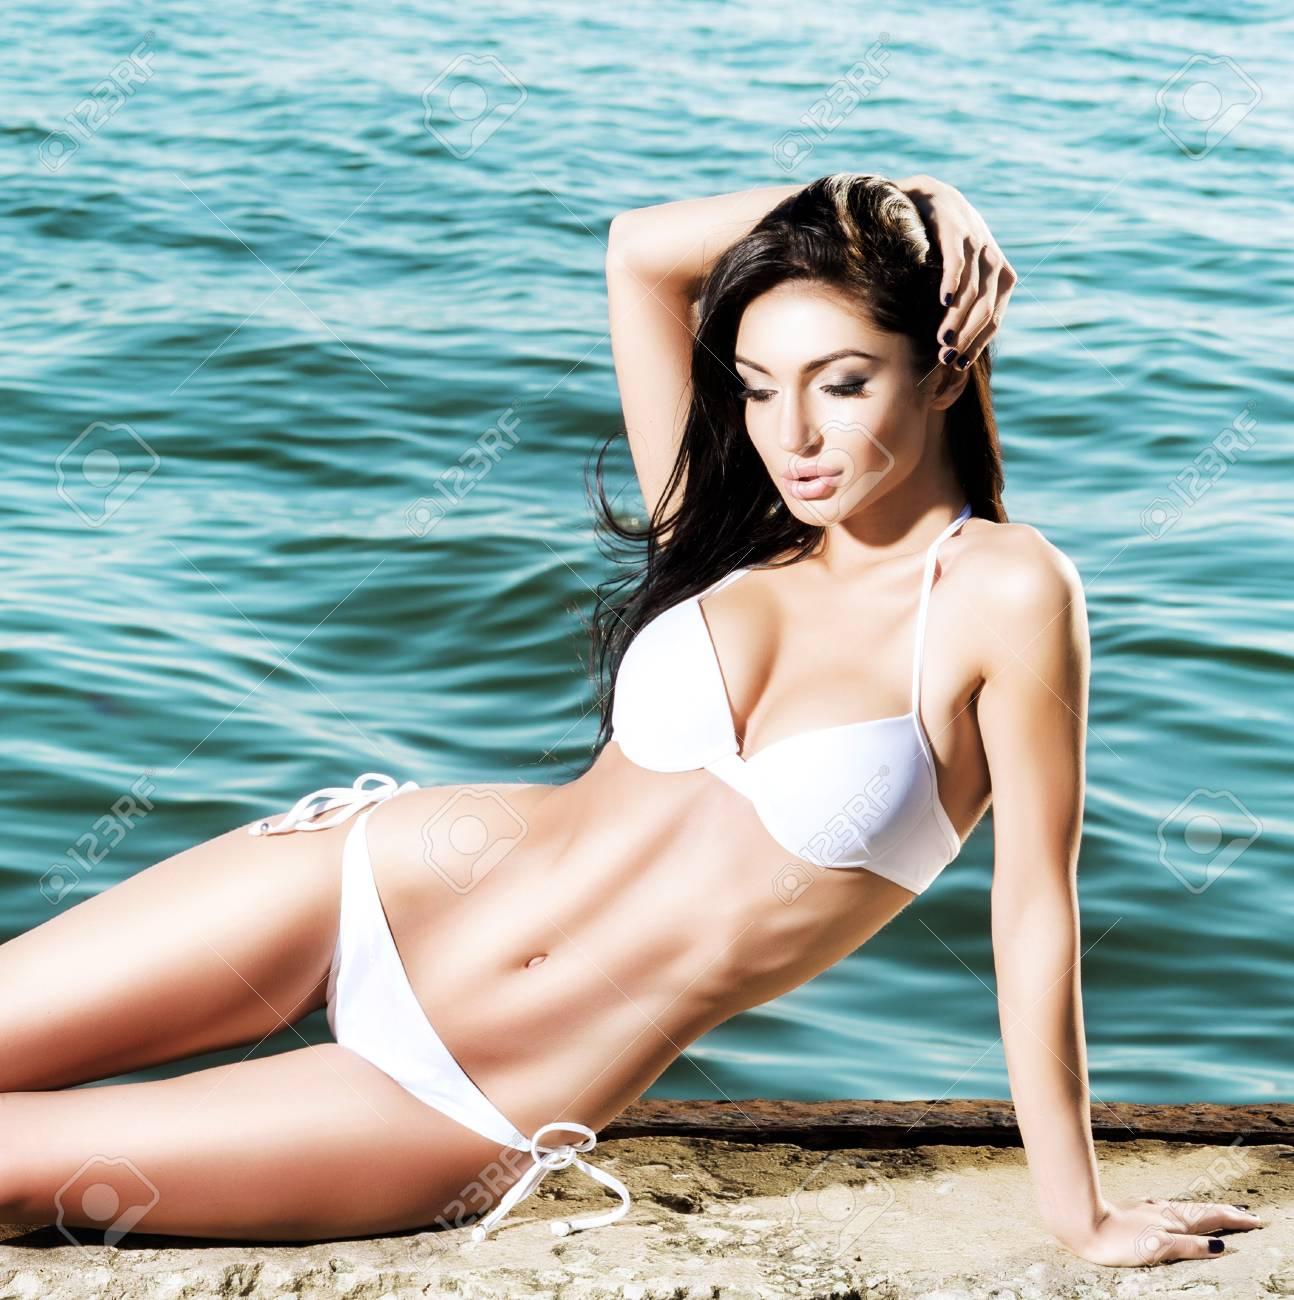 f86423f64507 Mujer hermosa, en forma y sexy en traje de baño. Modelo de moda posando en  traje de baño blanco en verano.